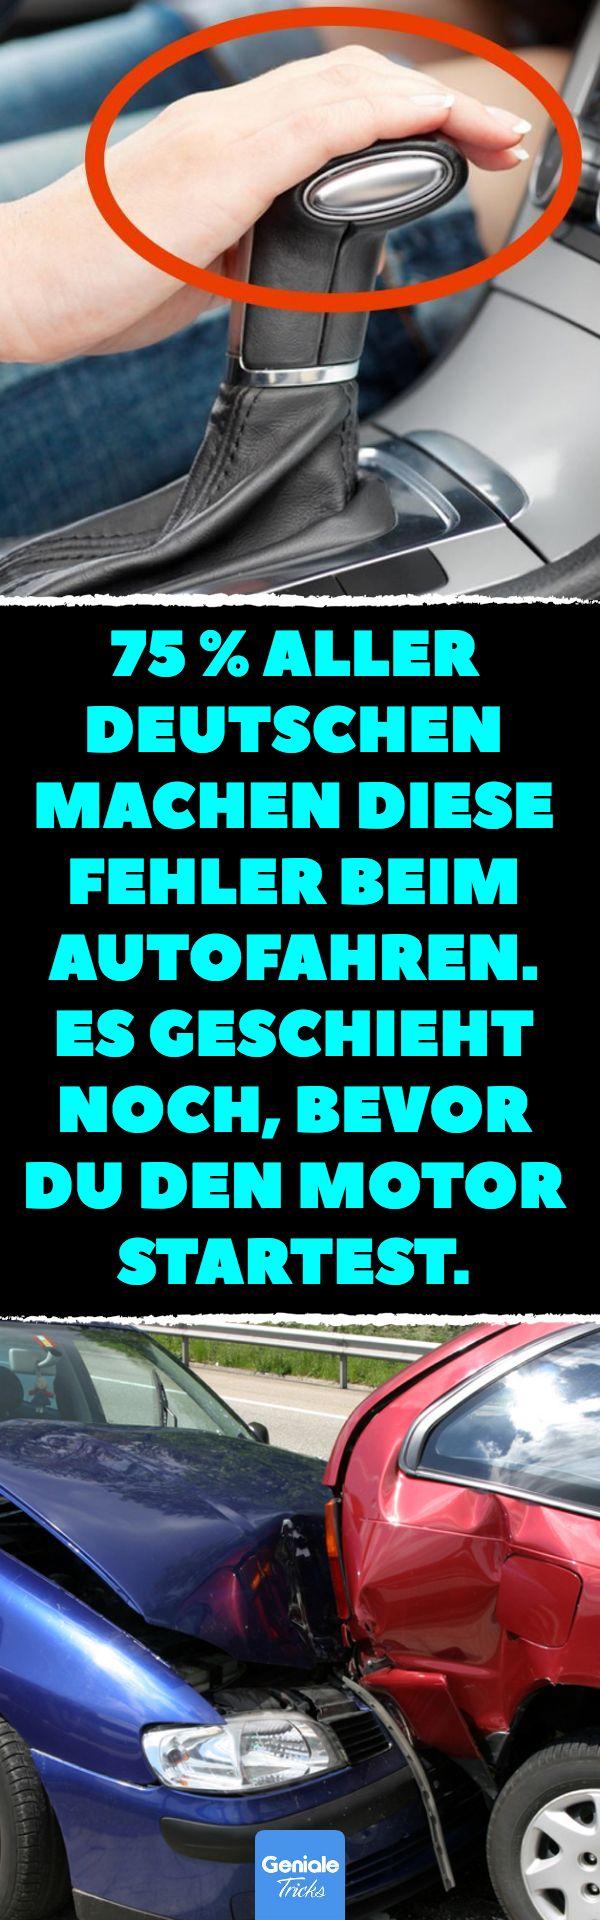 75 % aller Deutschen machen diese Fehler beim Autofahren. Es geschieht noch, bev… – Moni H.